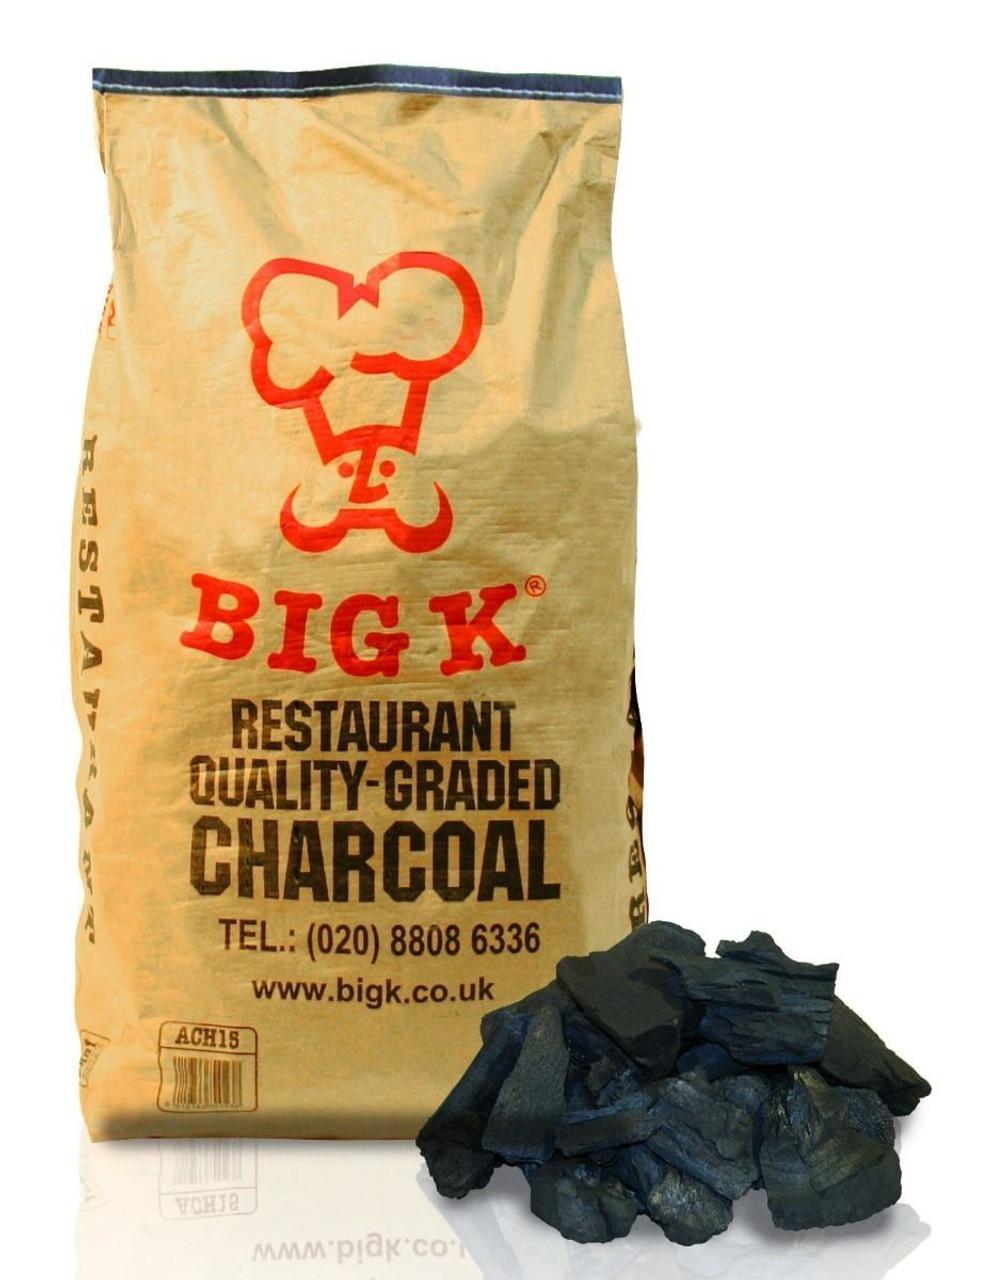 BIG K Restaurant Quality Charcoal 15KG (BAG)